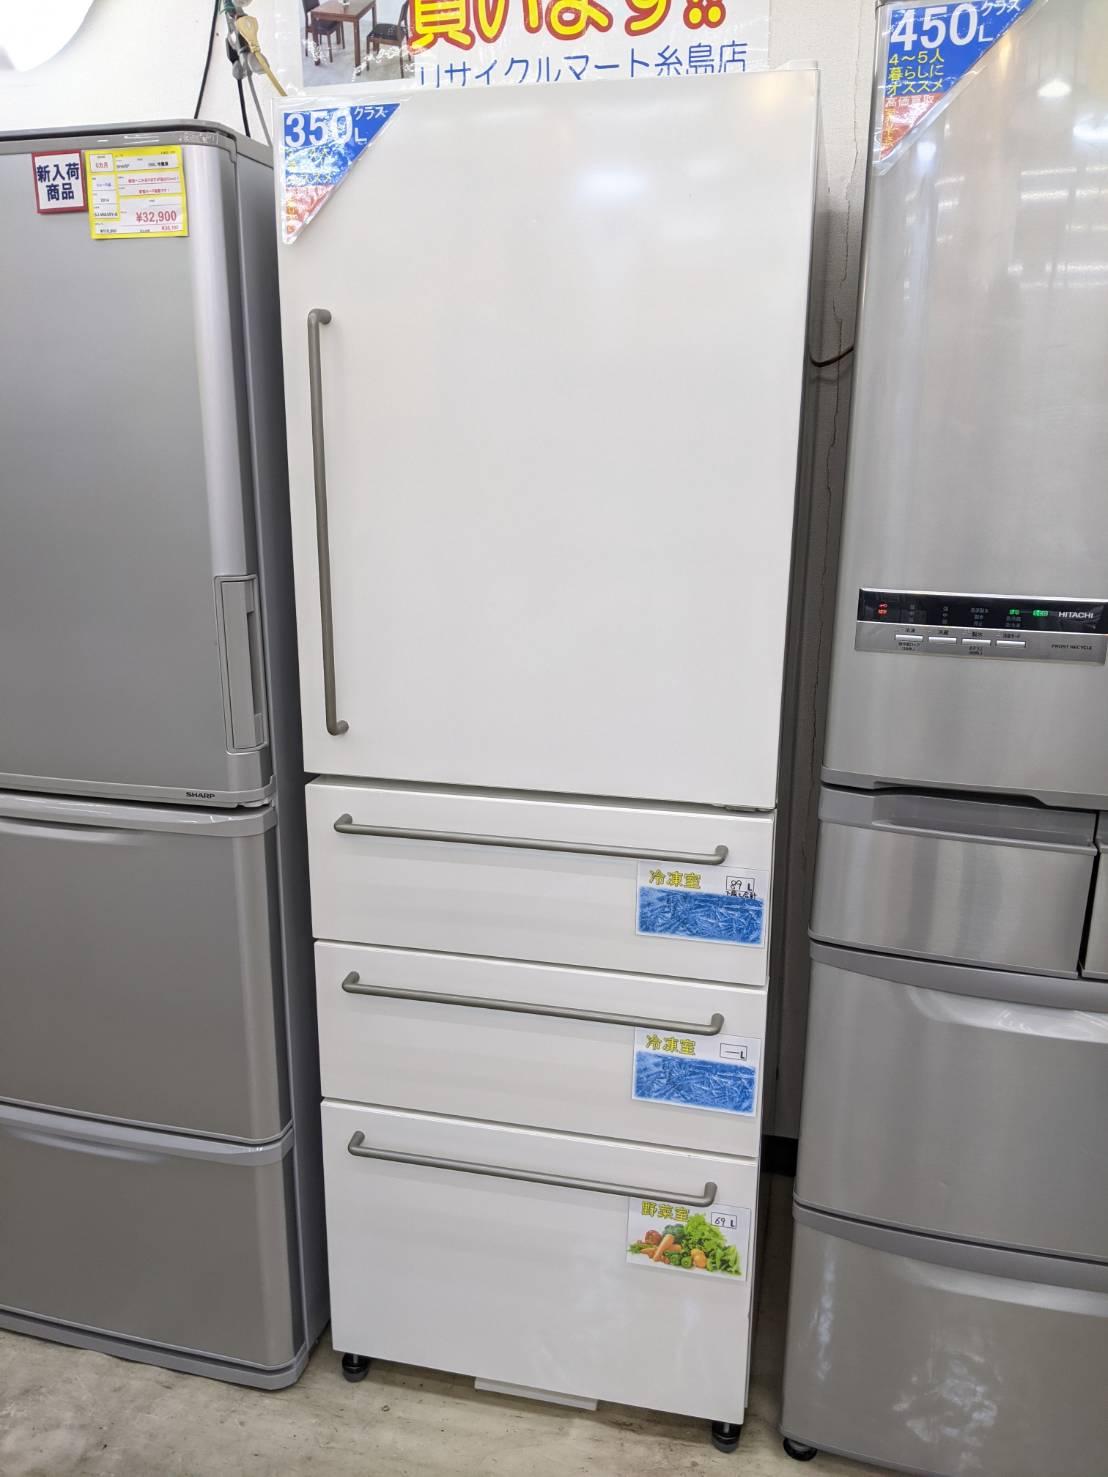 【無印良品 355L 冷蔵庫 MJ-R36A 2015年式 MUJI】をお買い取りいたしました!の買取-